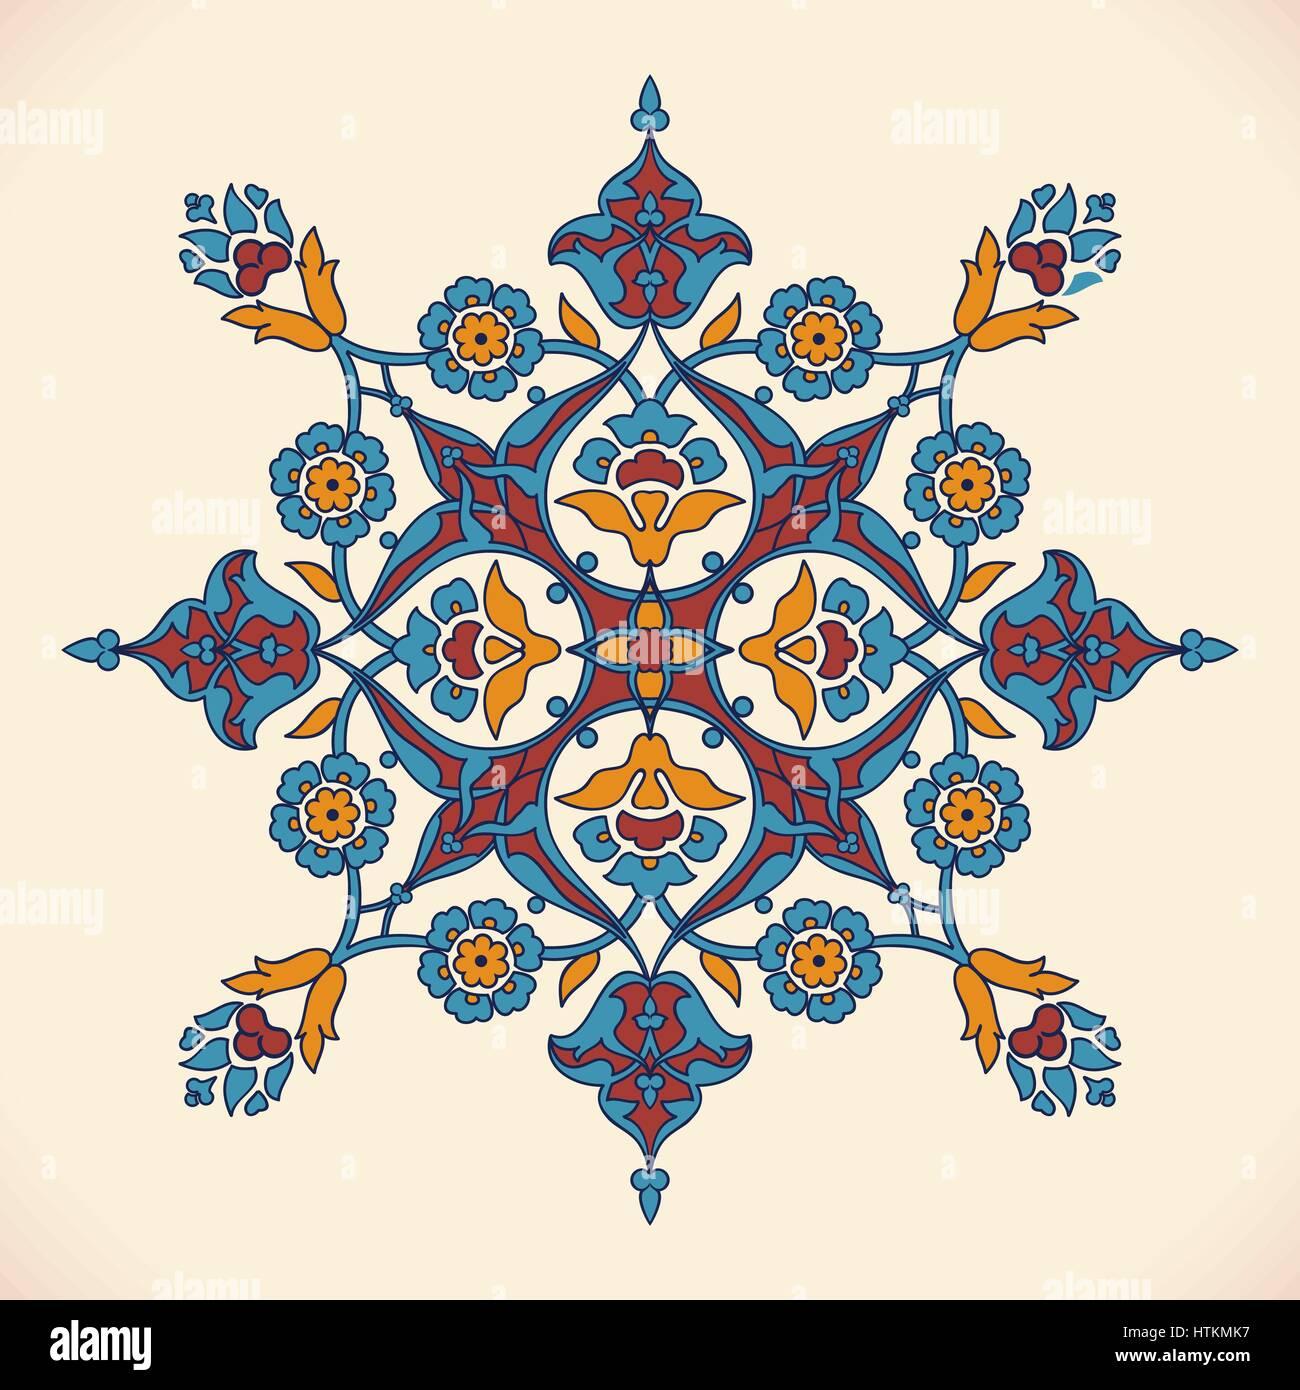 arabesque vintage elegant floral decoration print for design